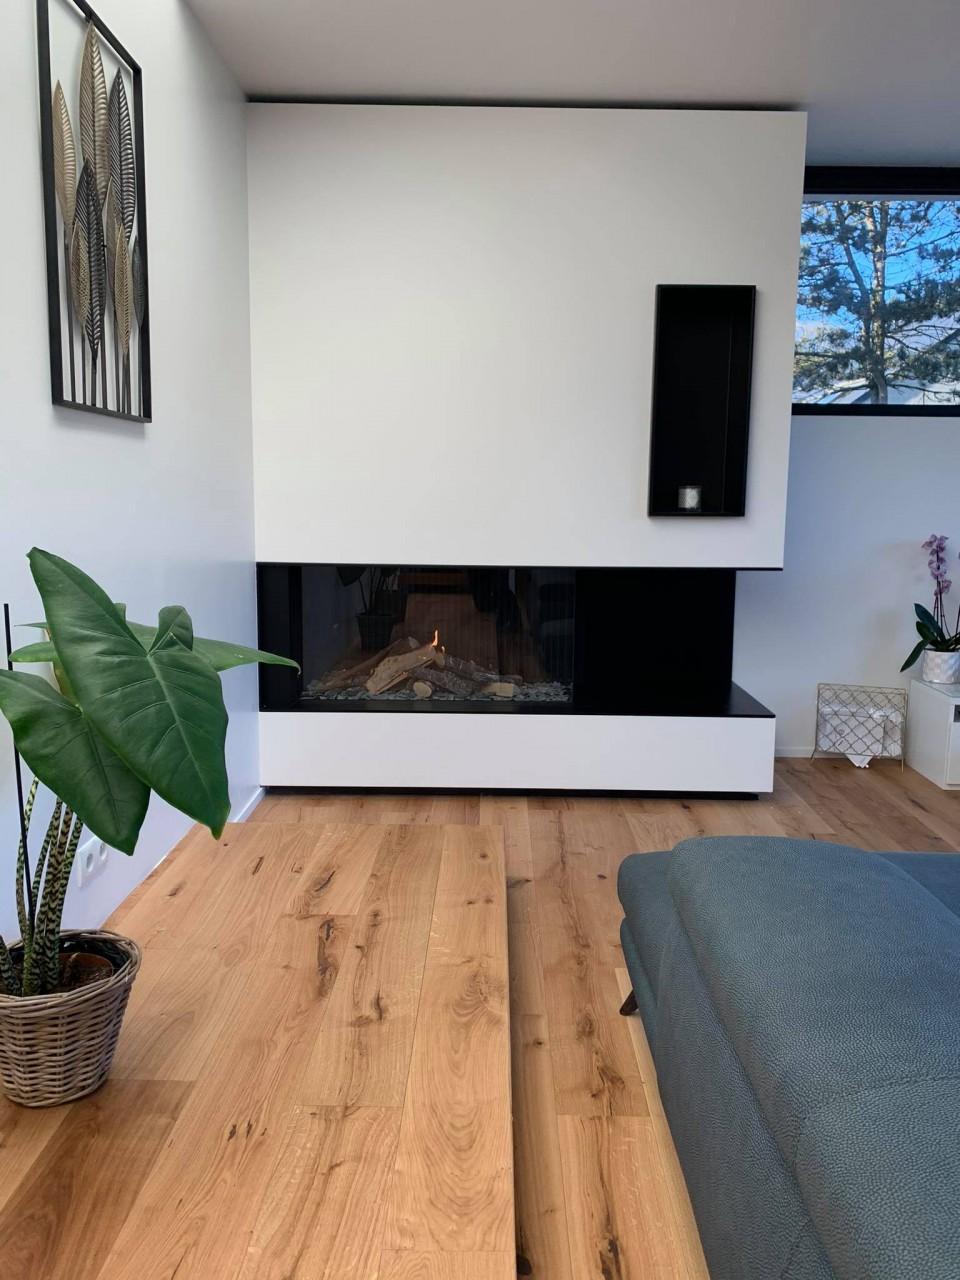 Janvier 2021 - Nouvelle conception autour d'un foyer gaz !